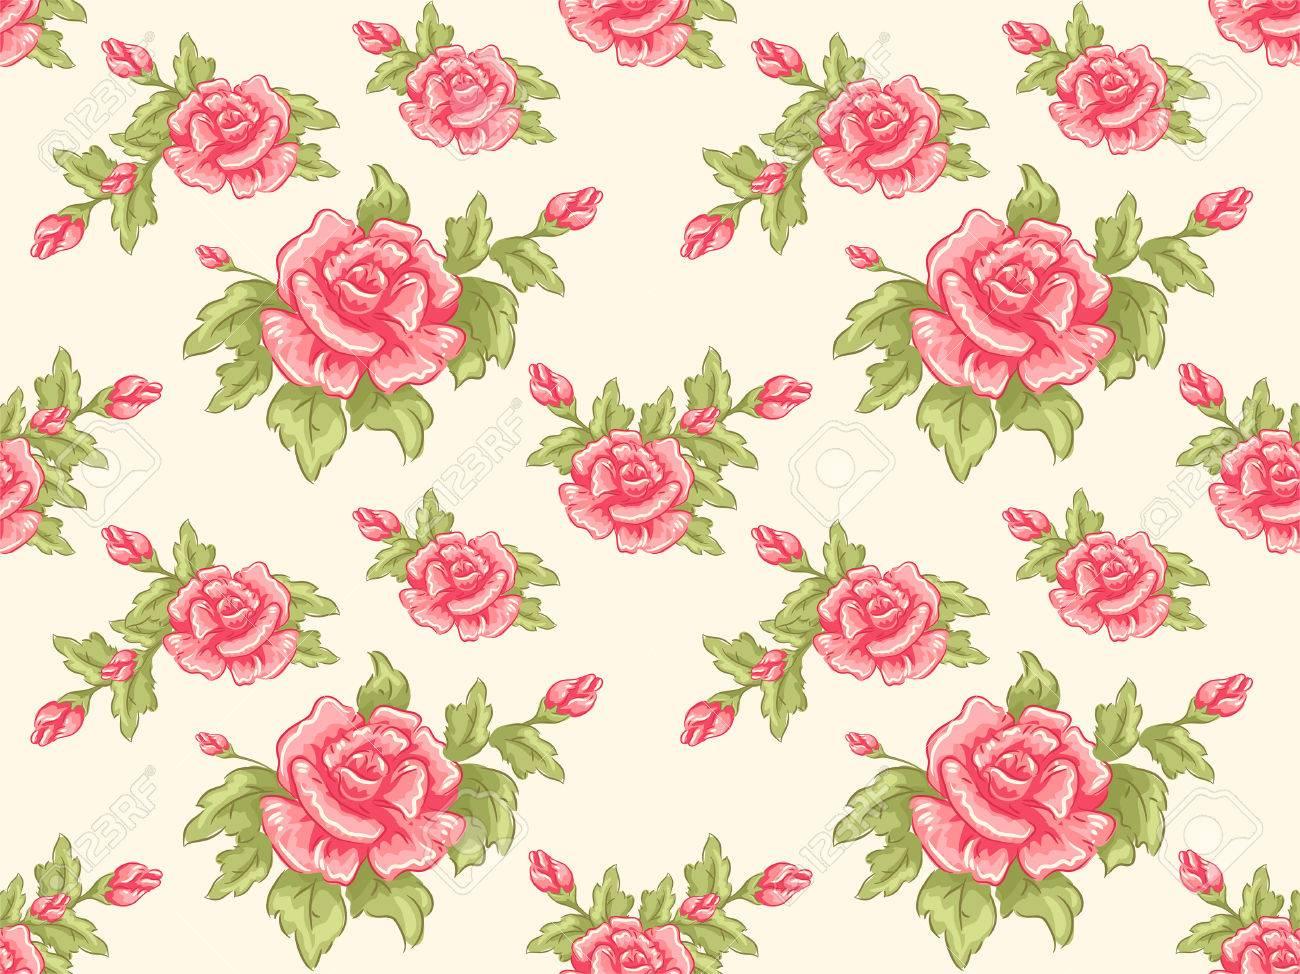 シームレスな花柄のデザインの特徴の背景イラスト ロイヤリティフリー